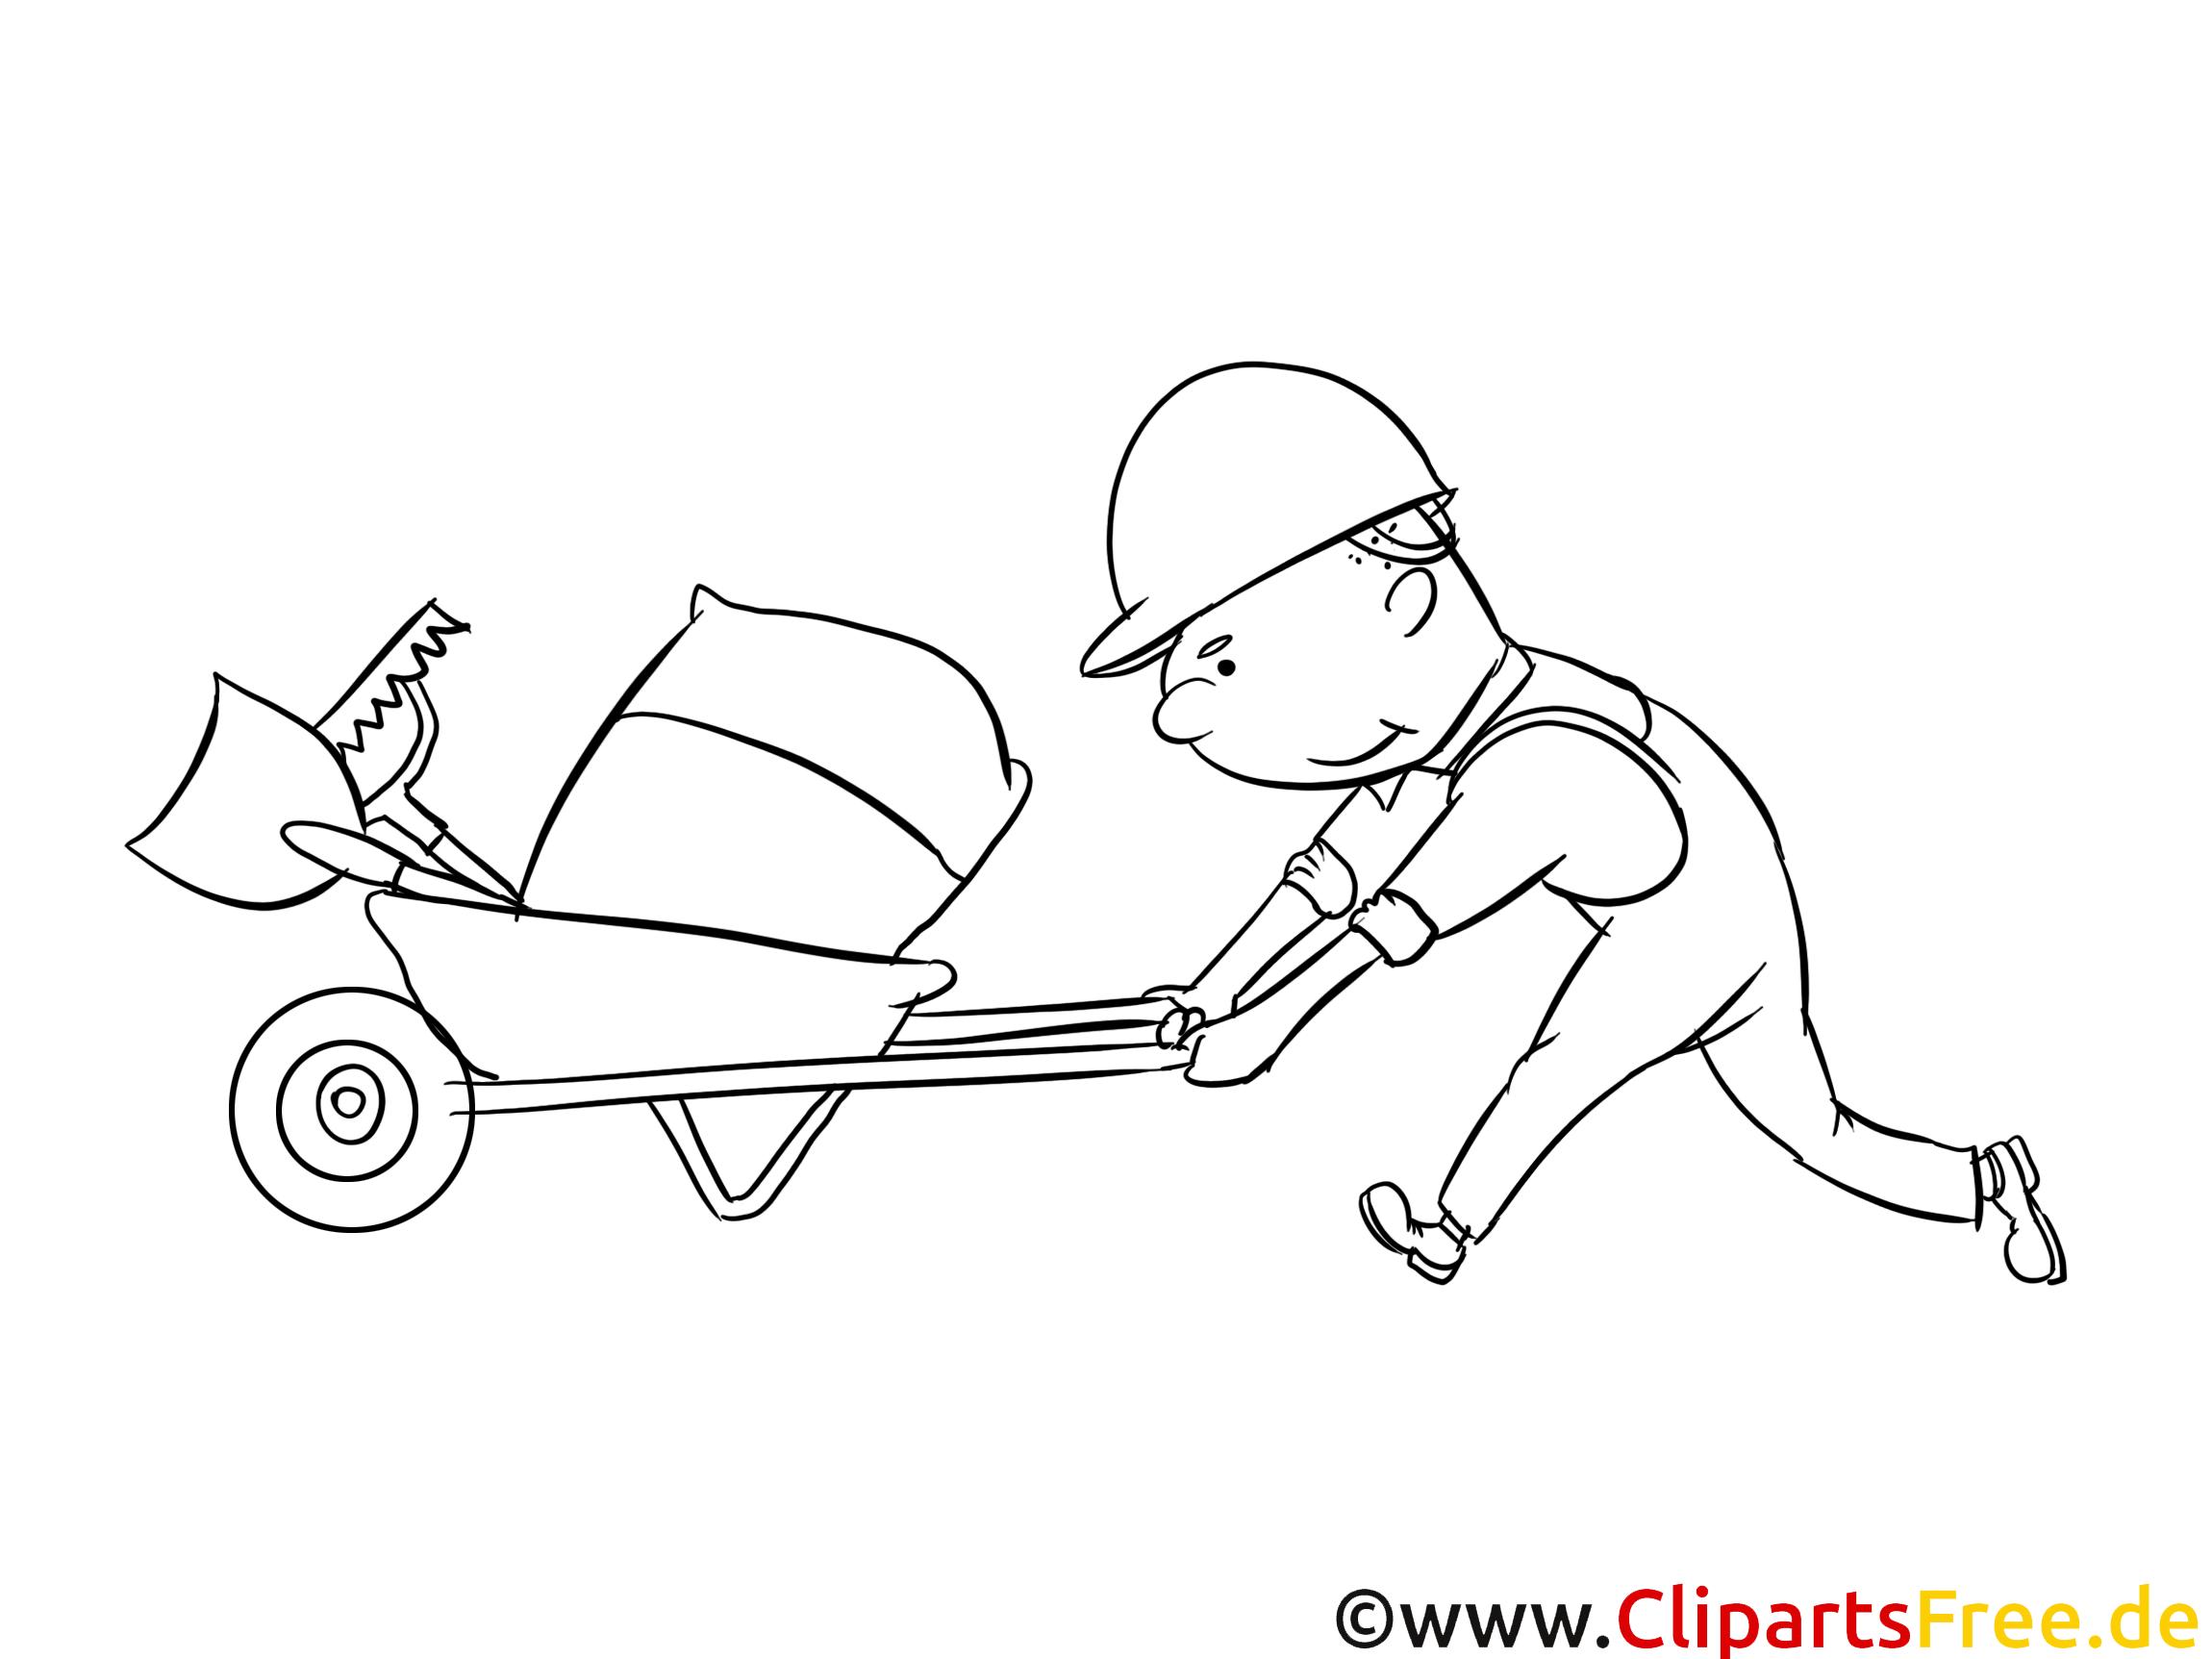 Baustelle Malvorlage zum Drucken und Ausmalen